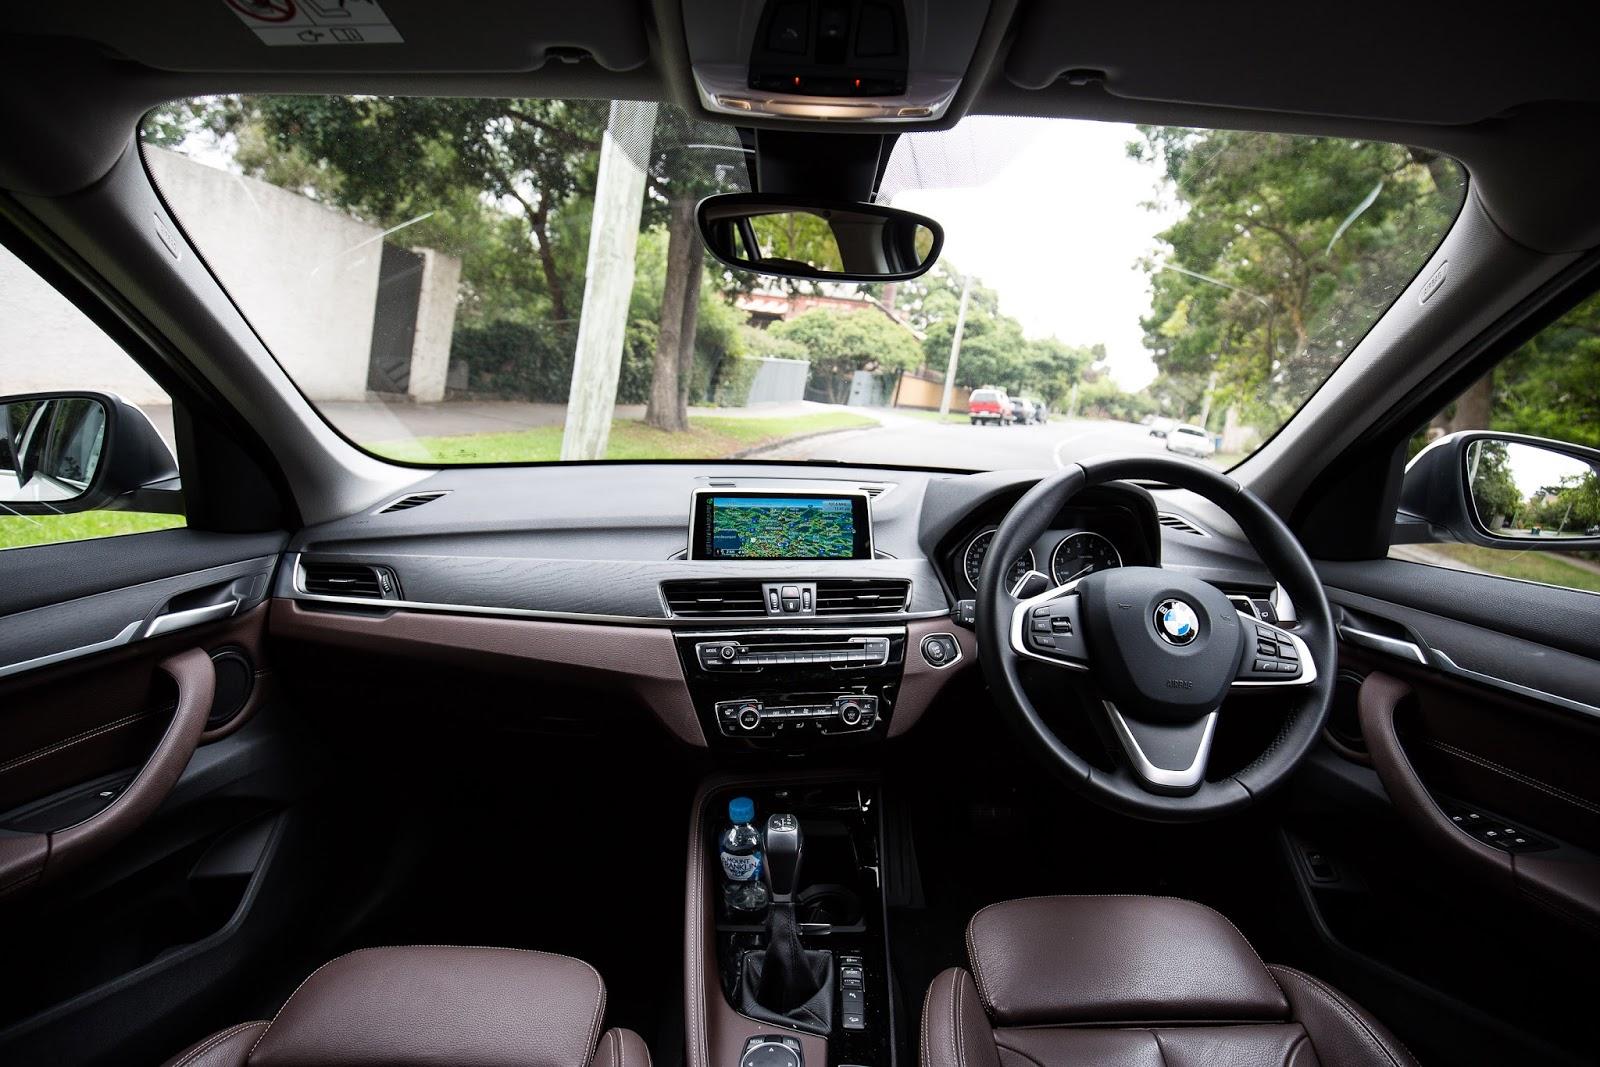 BMW X1 có thiết kế nội thất khá đơn giản và thực dụng